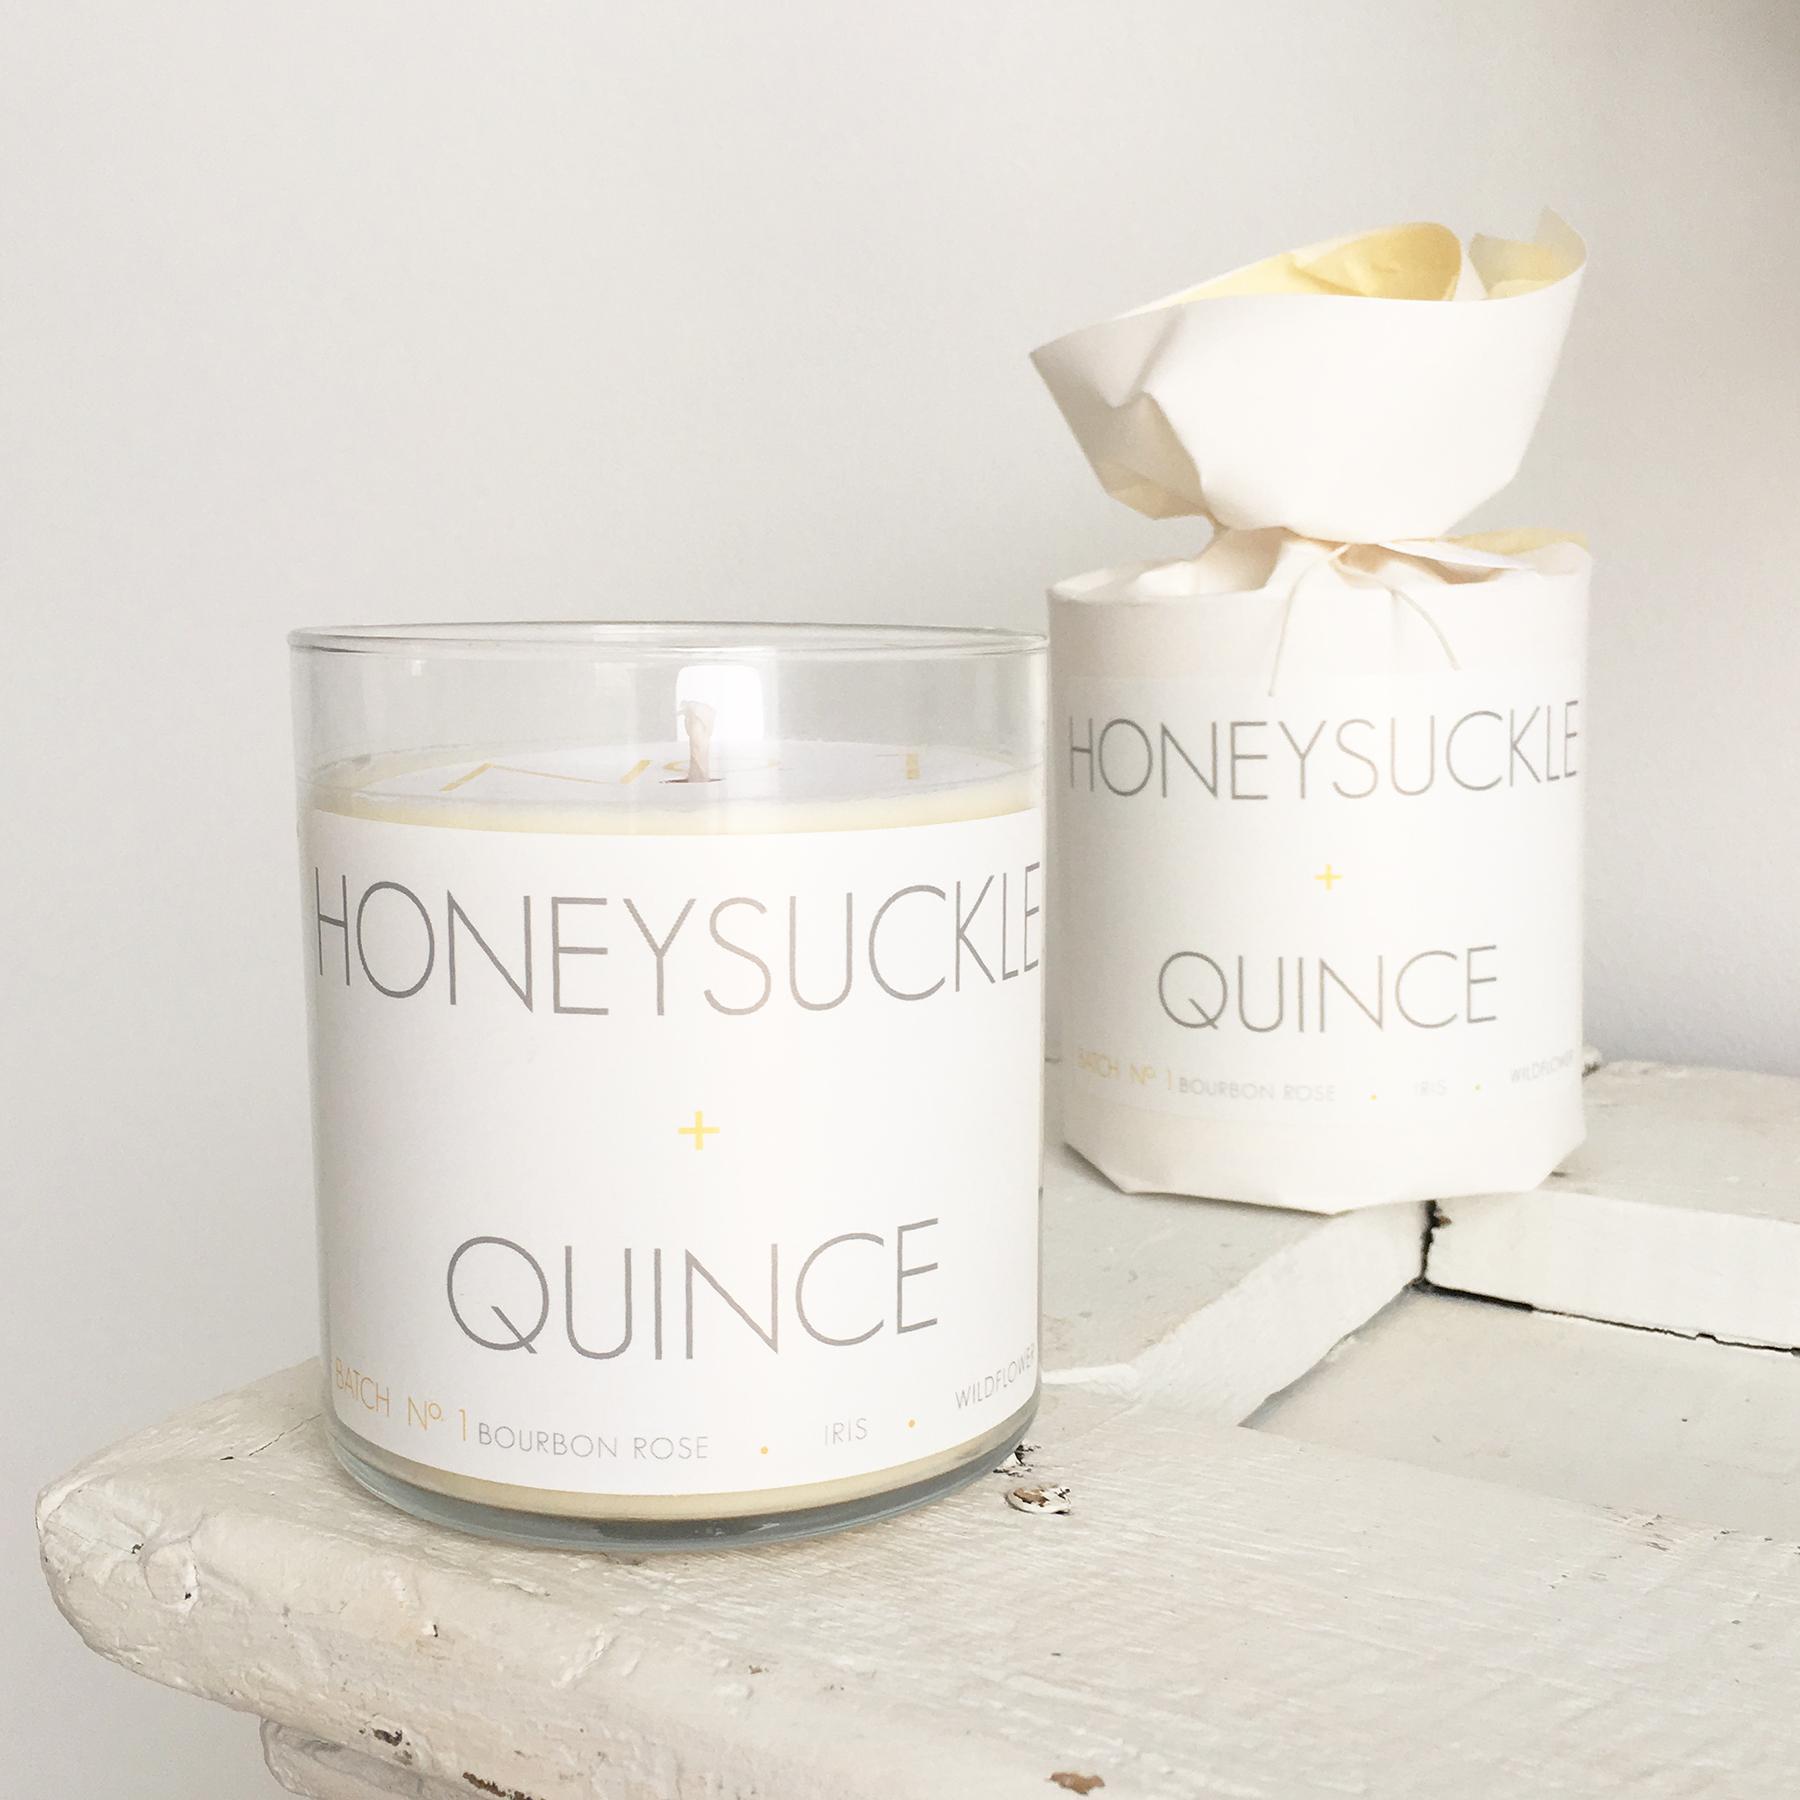 Honeysuckle + Quince Jumbo Soy Candle Studio Shelf.jpg